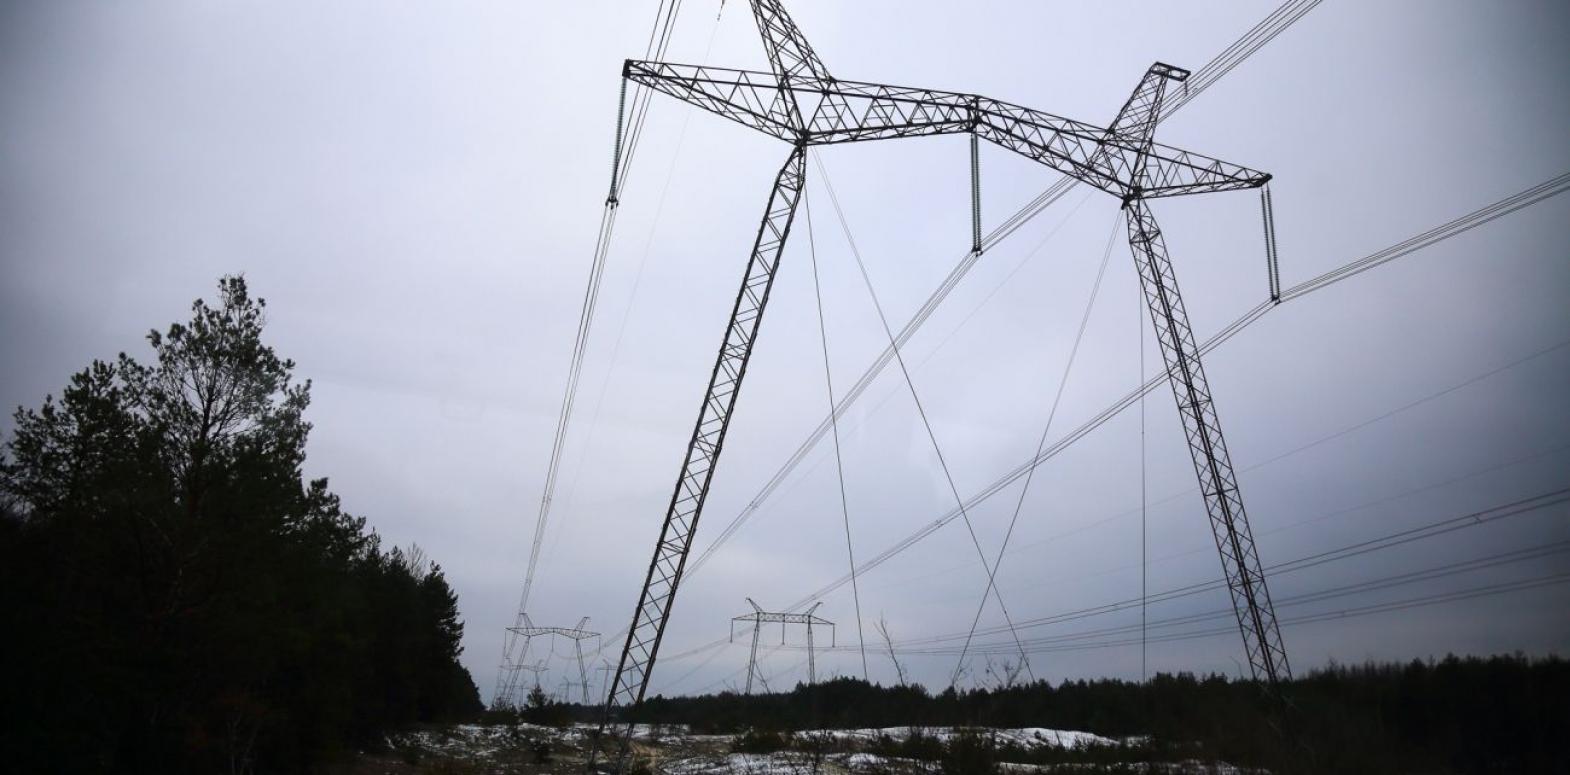 Ослабление карантина привело к росту потребления электроэнергии